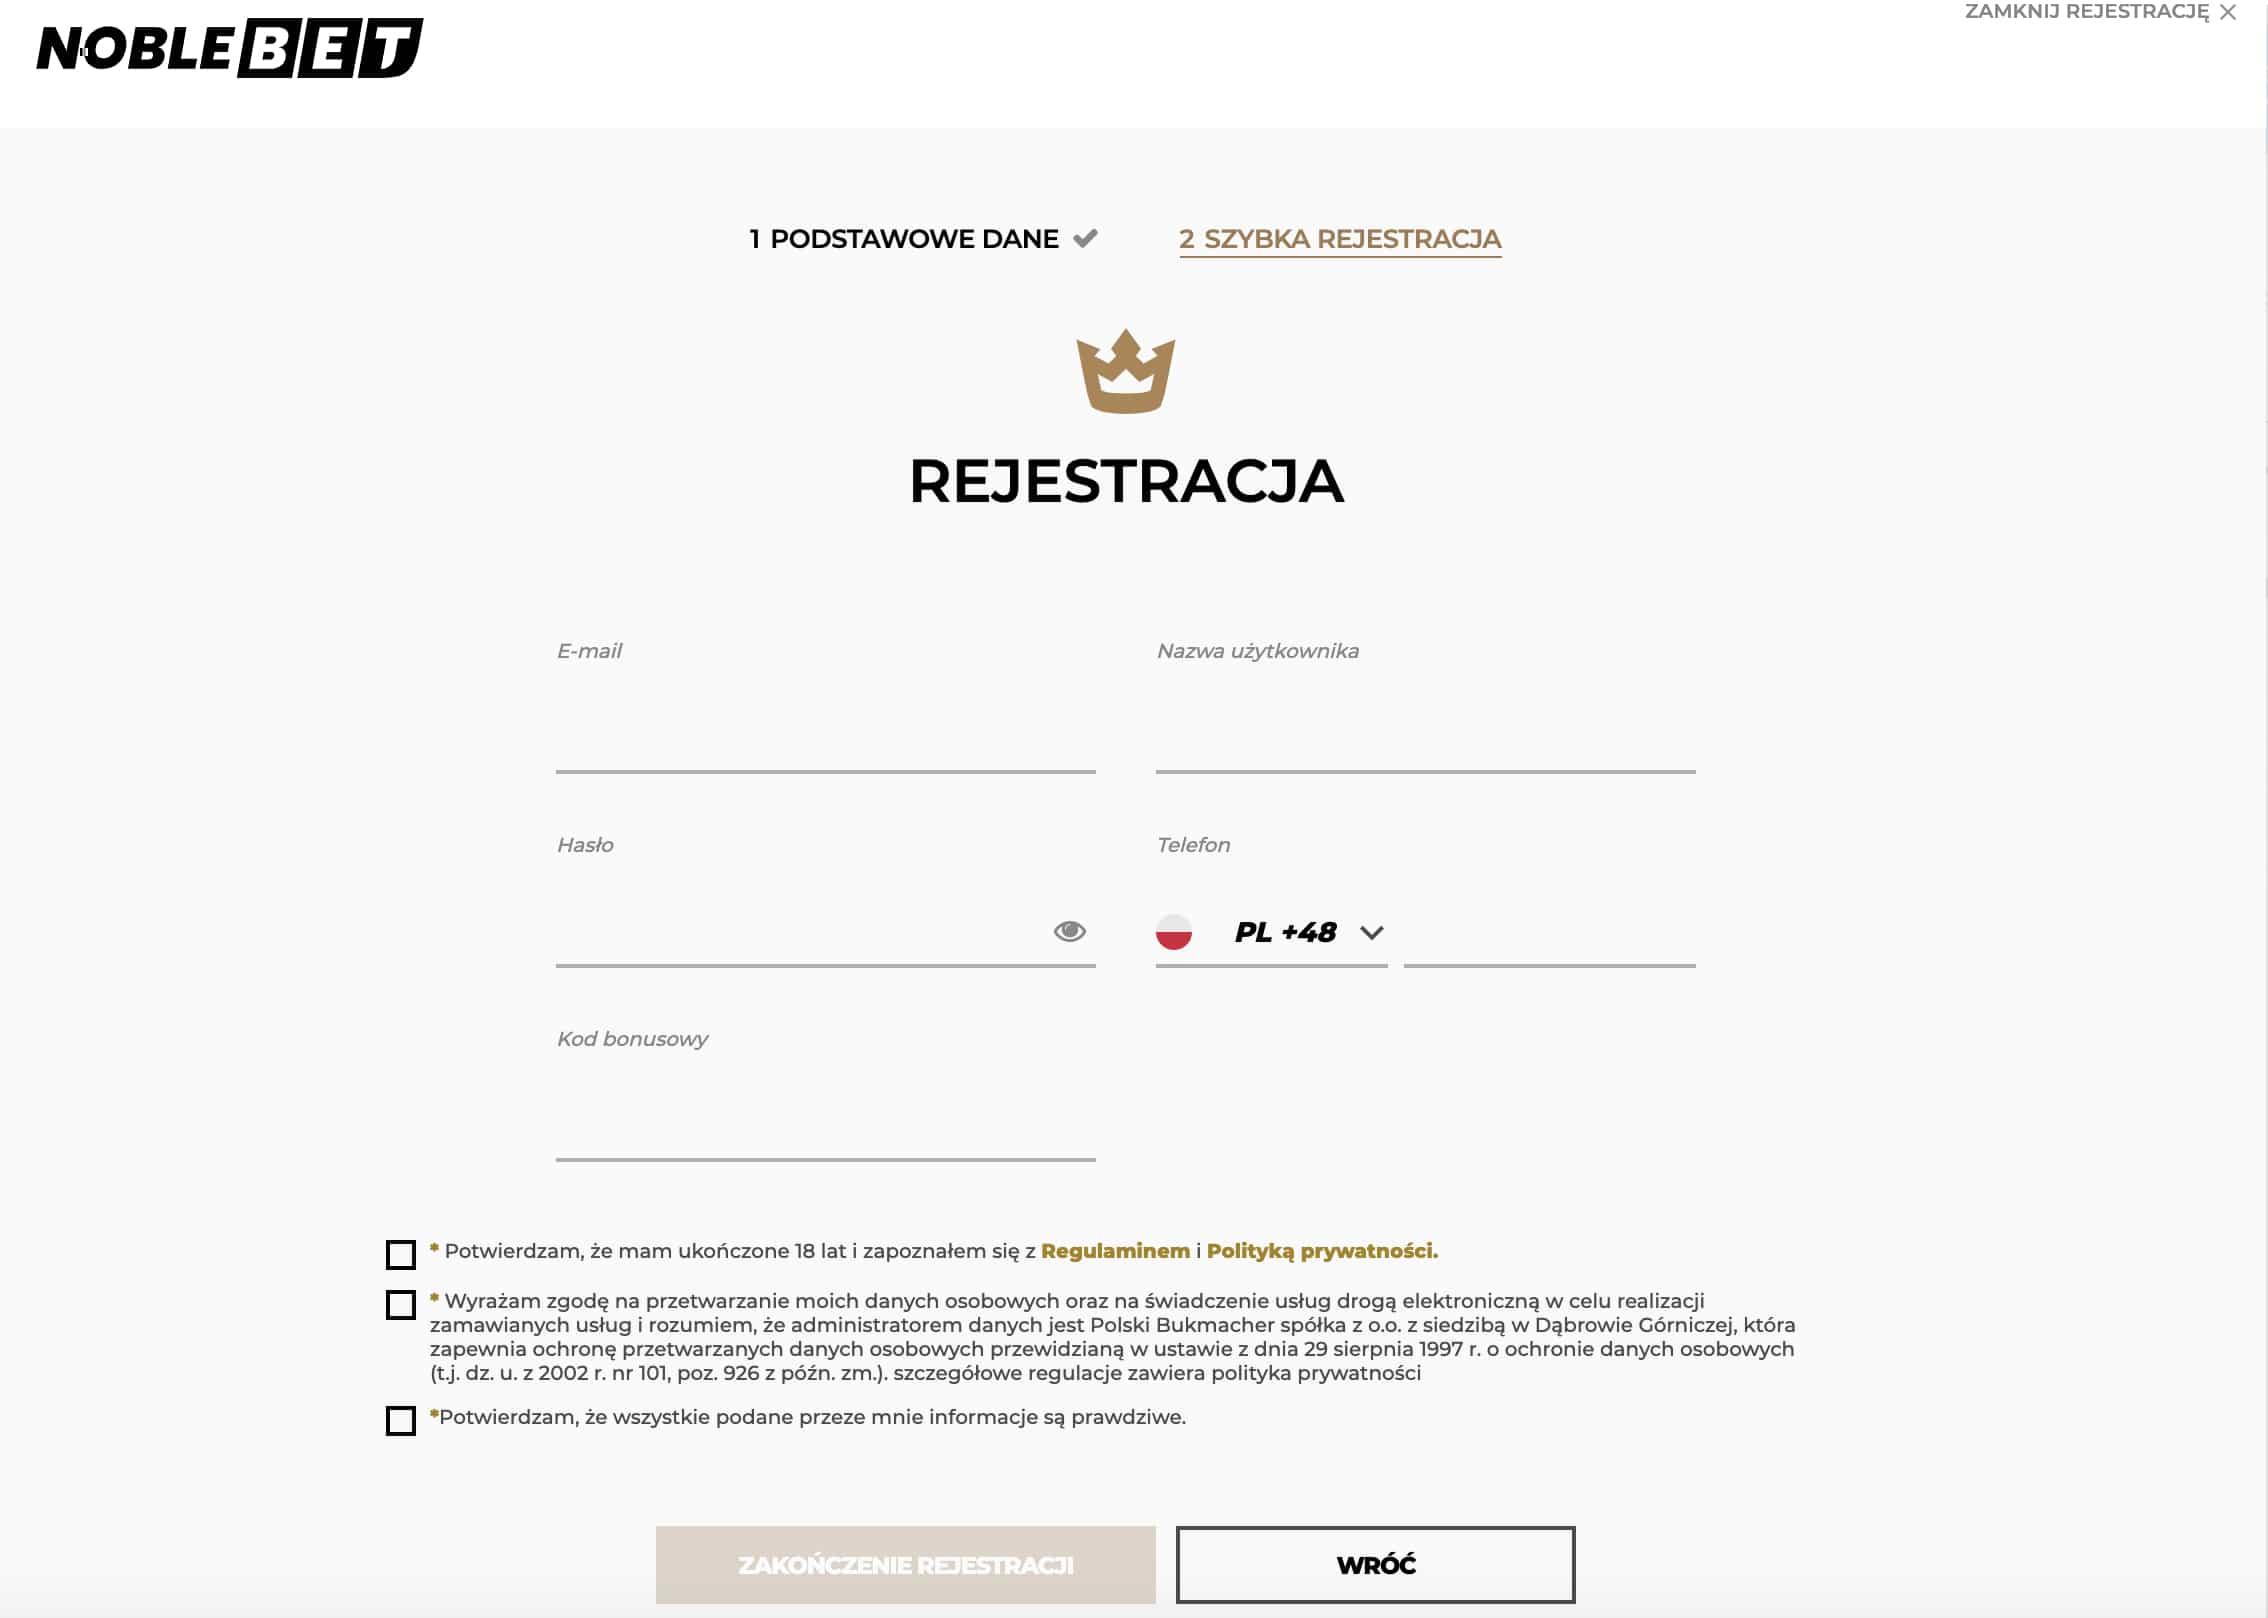 Noblebet rejestracja krok 3